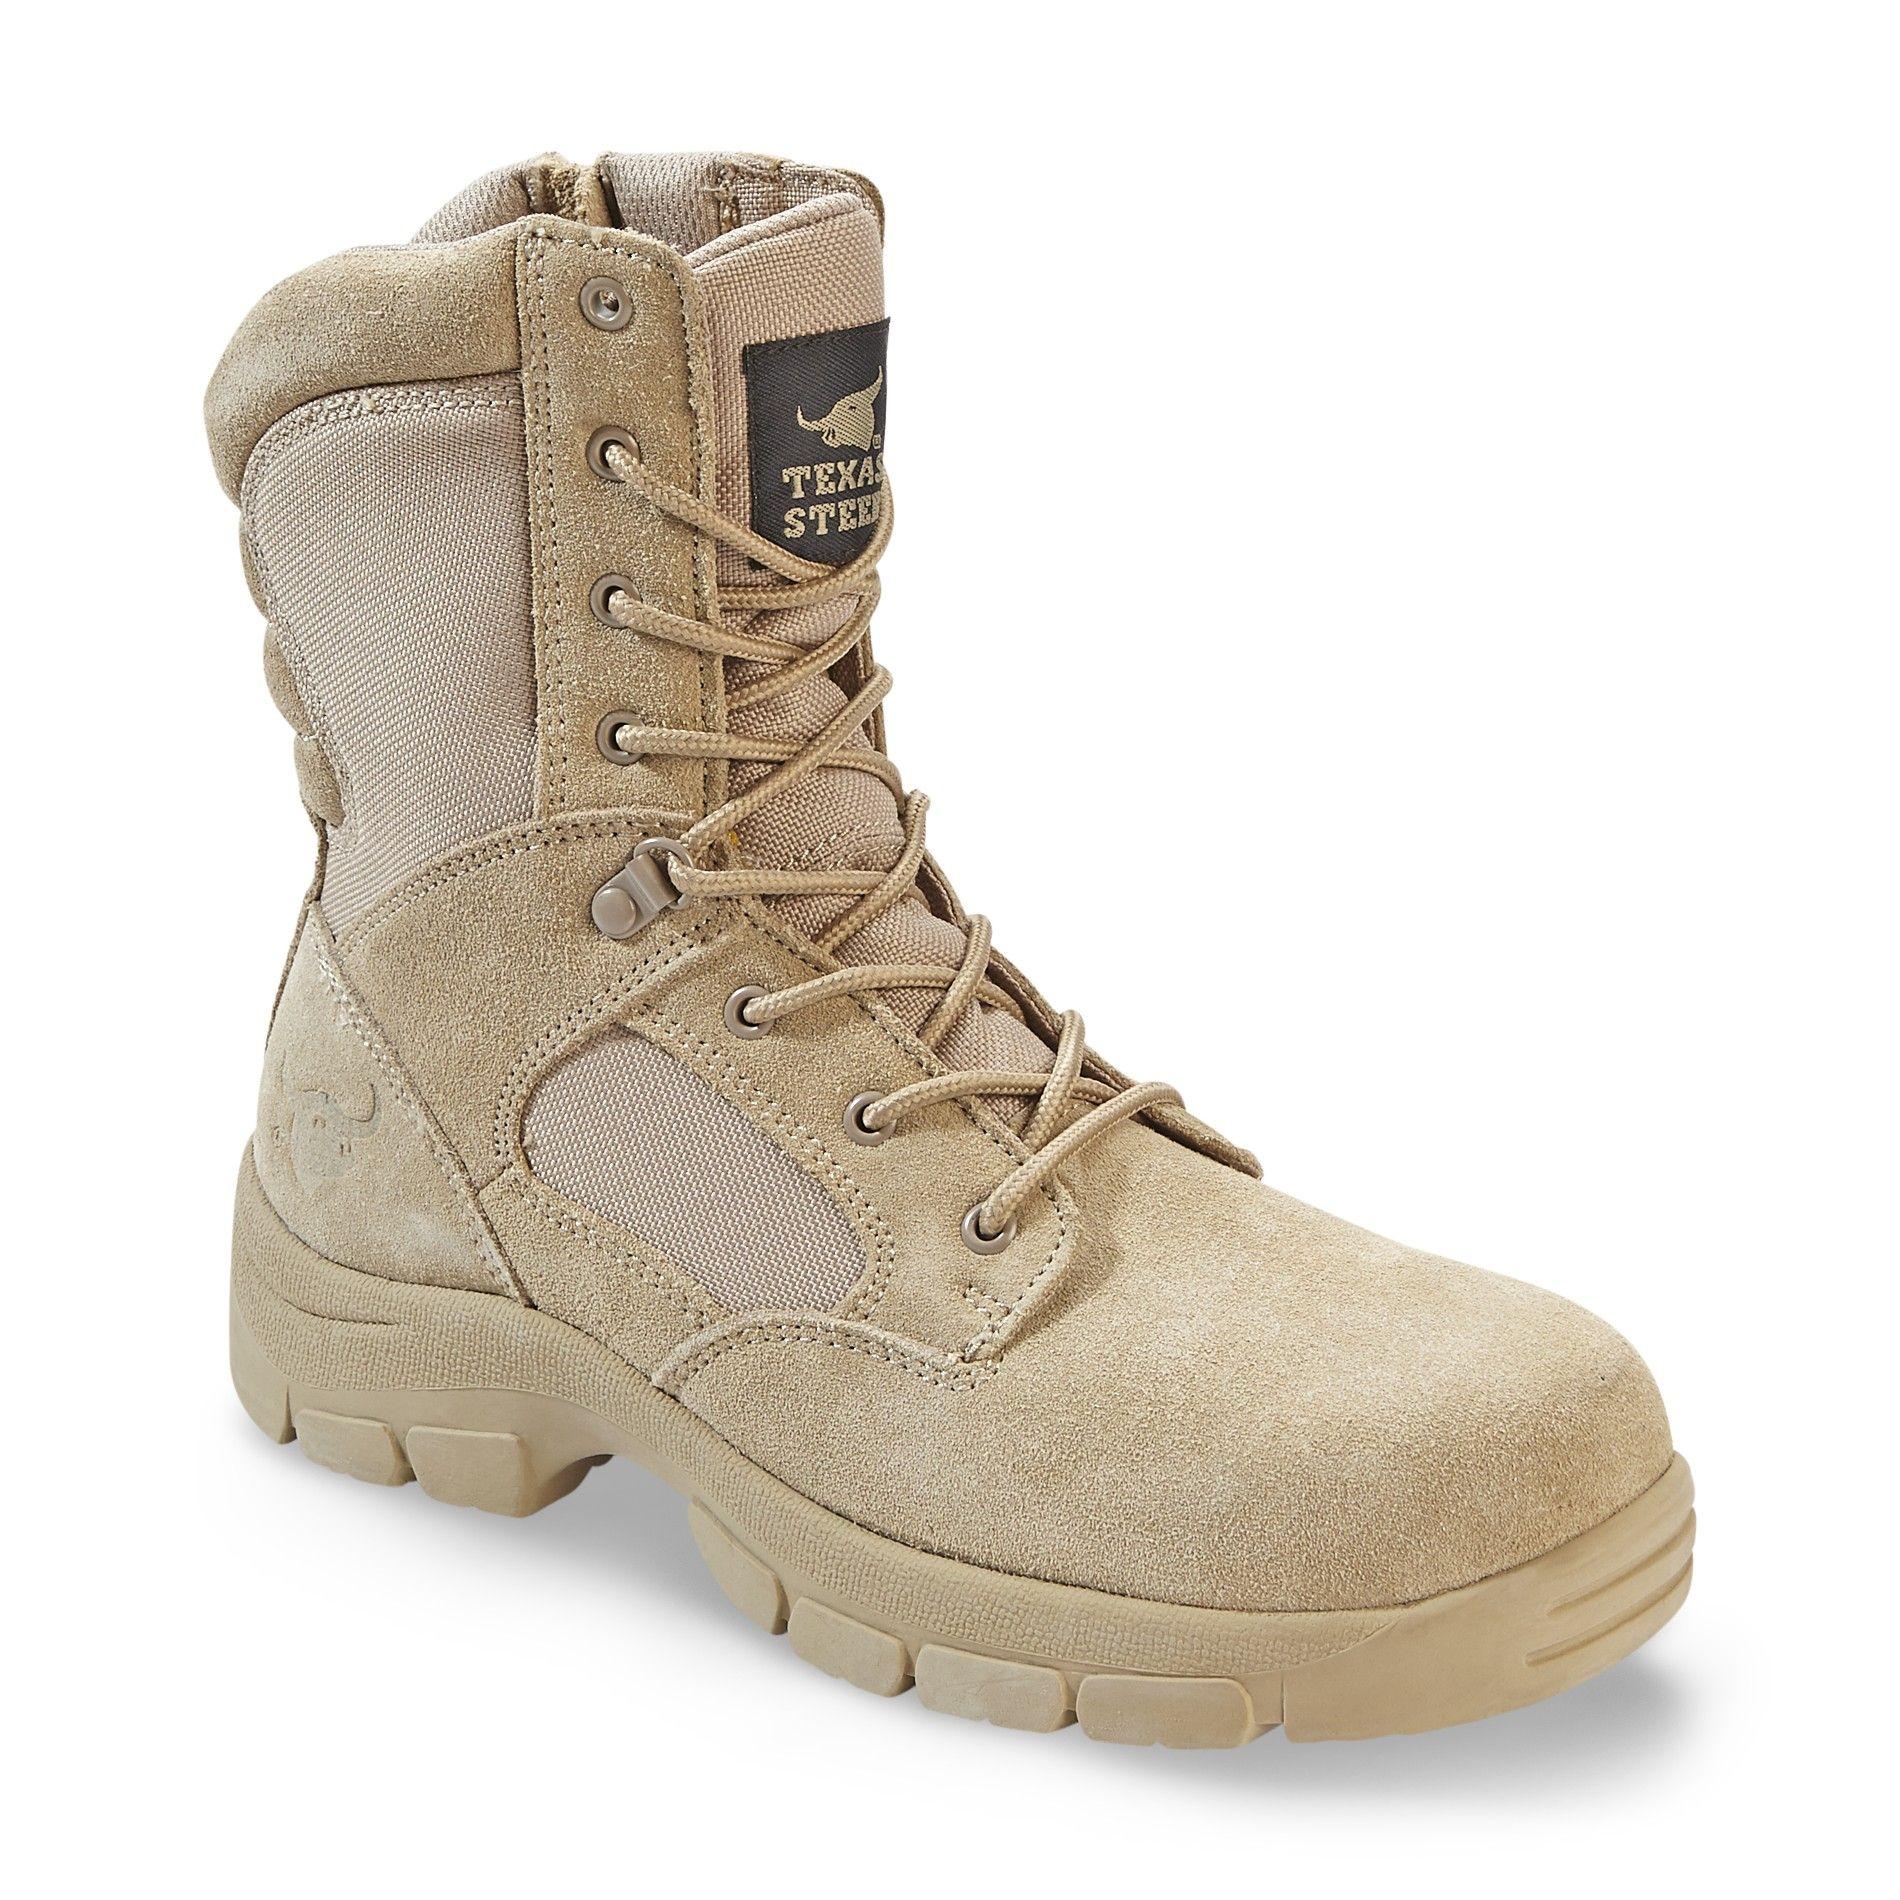 Kamaal Desert Storm Soft Toe Boot